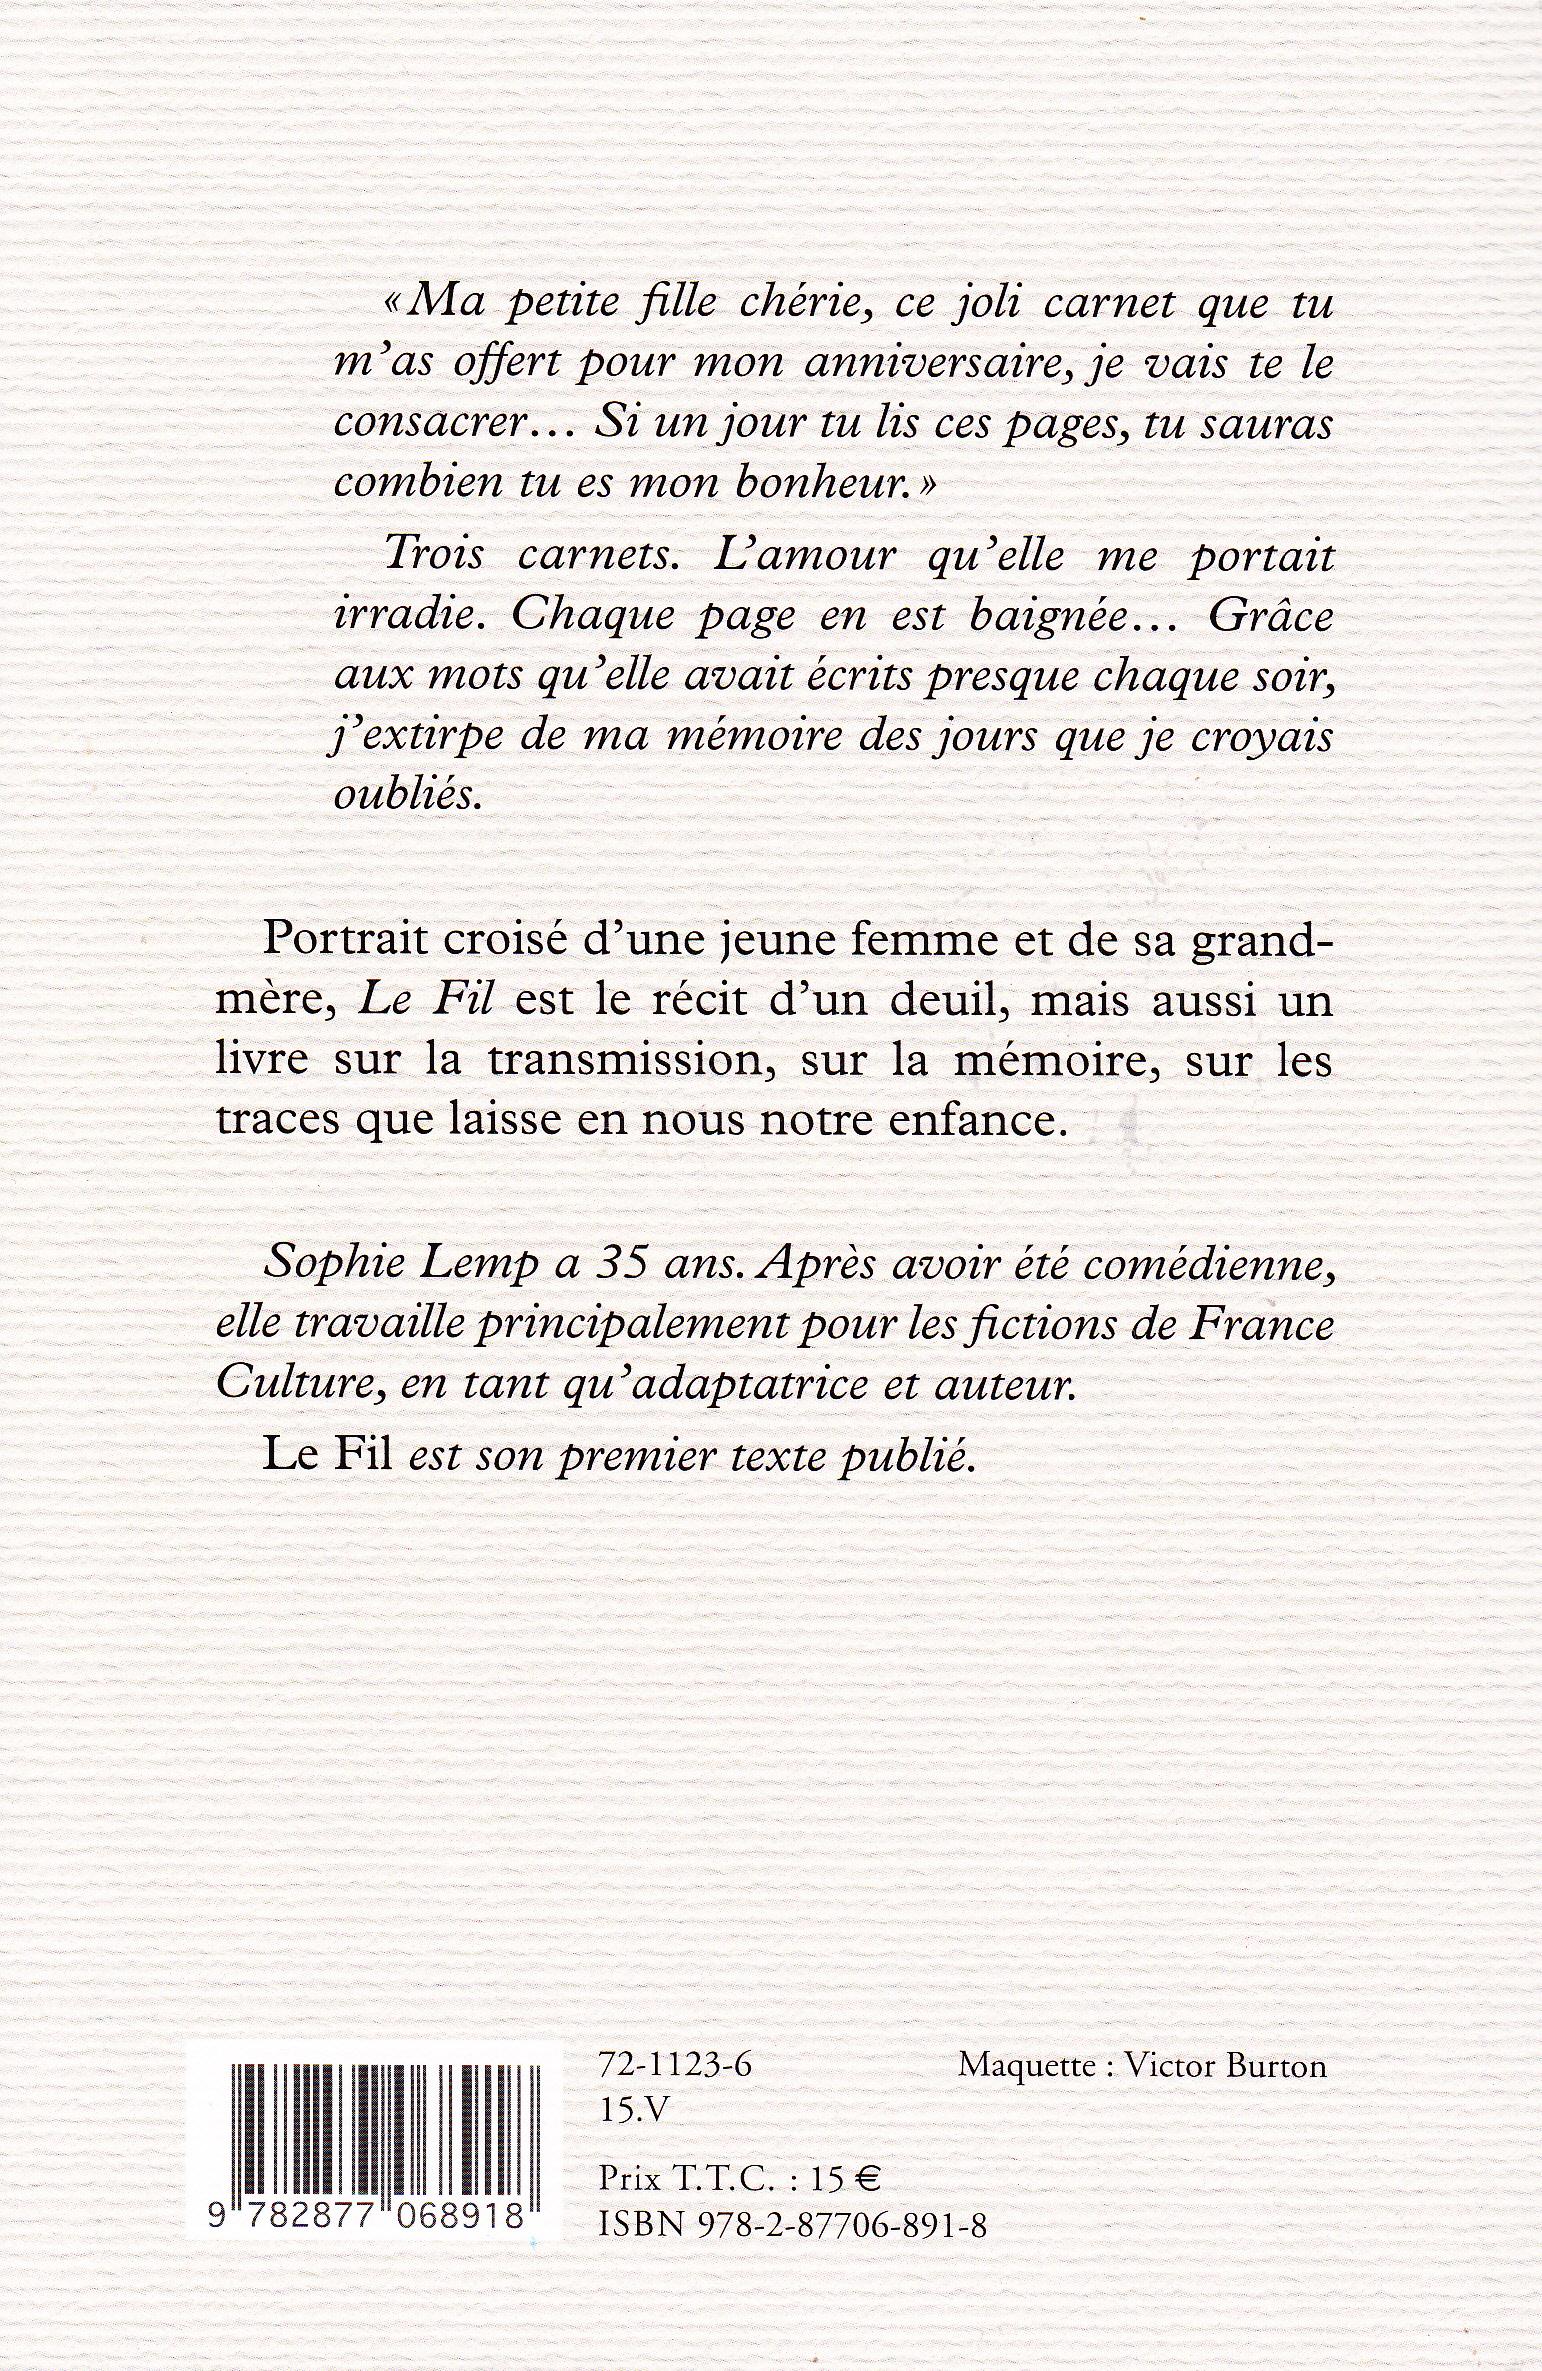 Lettre A Ma Mere Pour Ses 80 Ans : lettre, Texte, Anniversaire, Grand, Petite, Fille